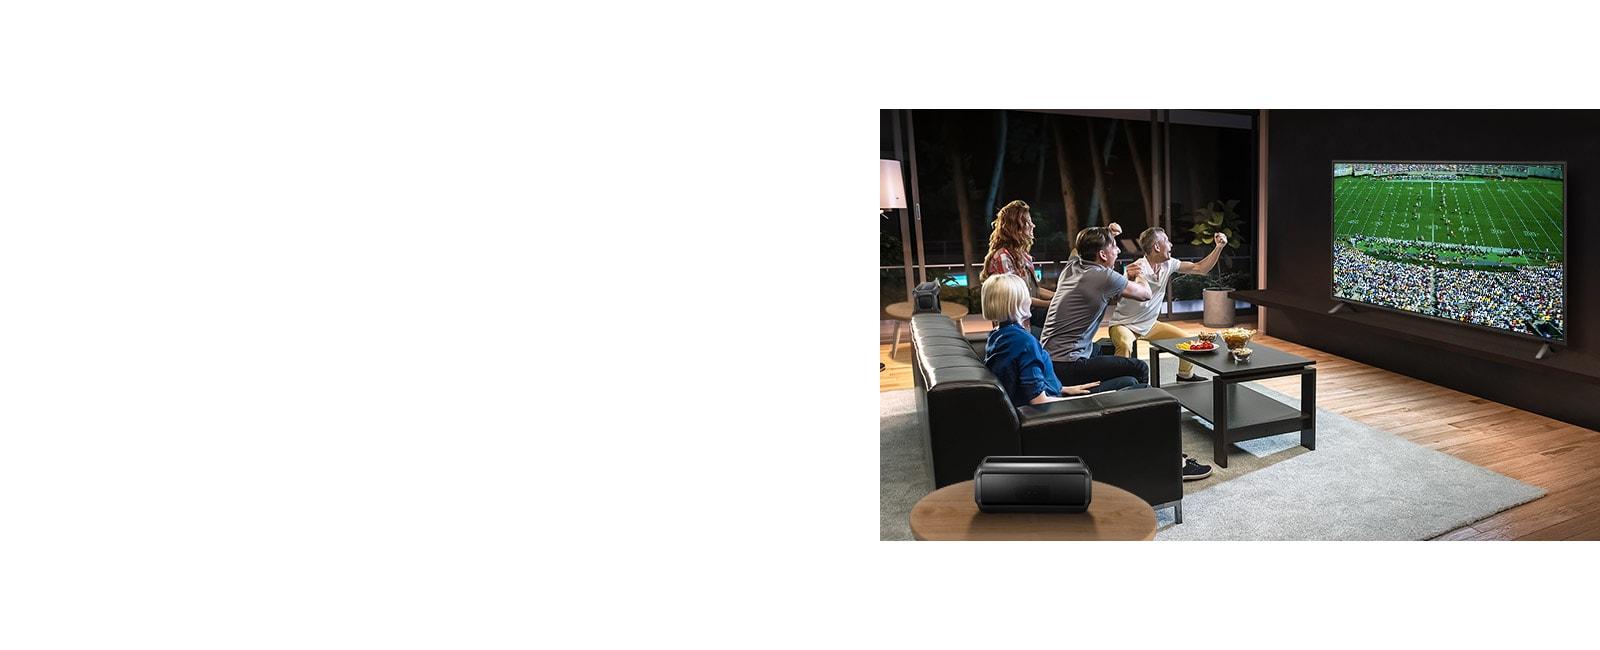 Les gens regardent un match de sport à la télévision dans le salon avec des haut-parleurs arrière Bluetooth.